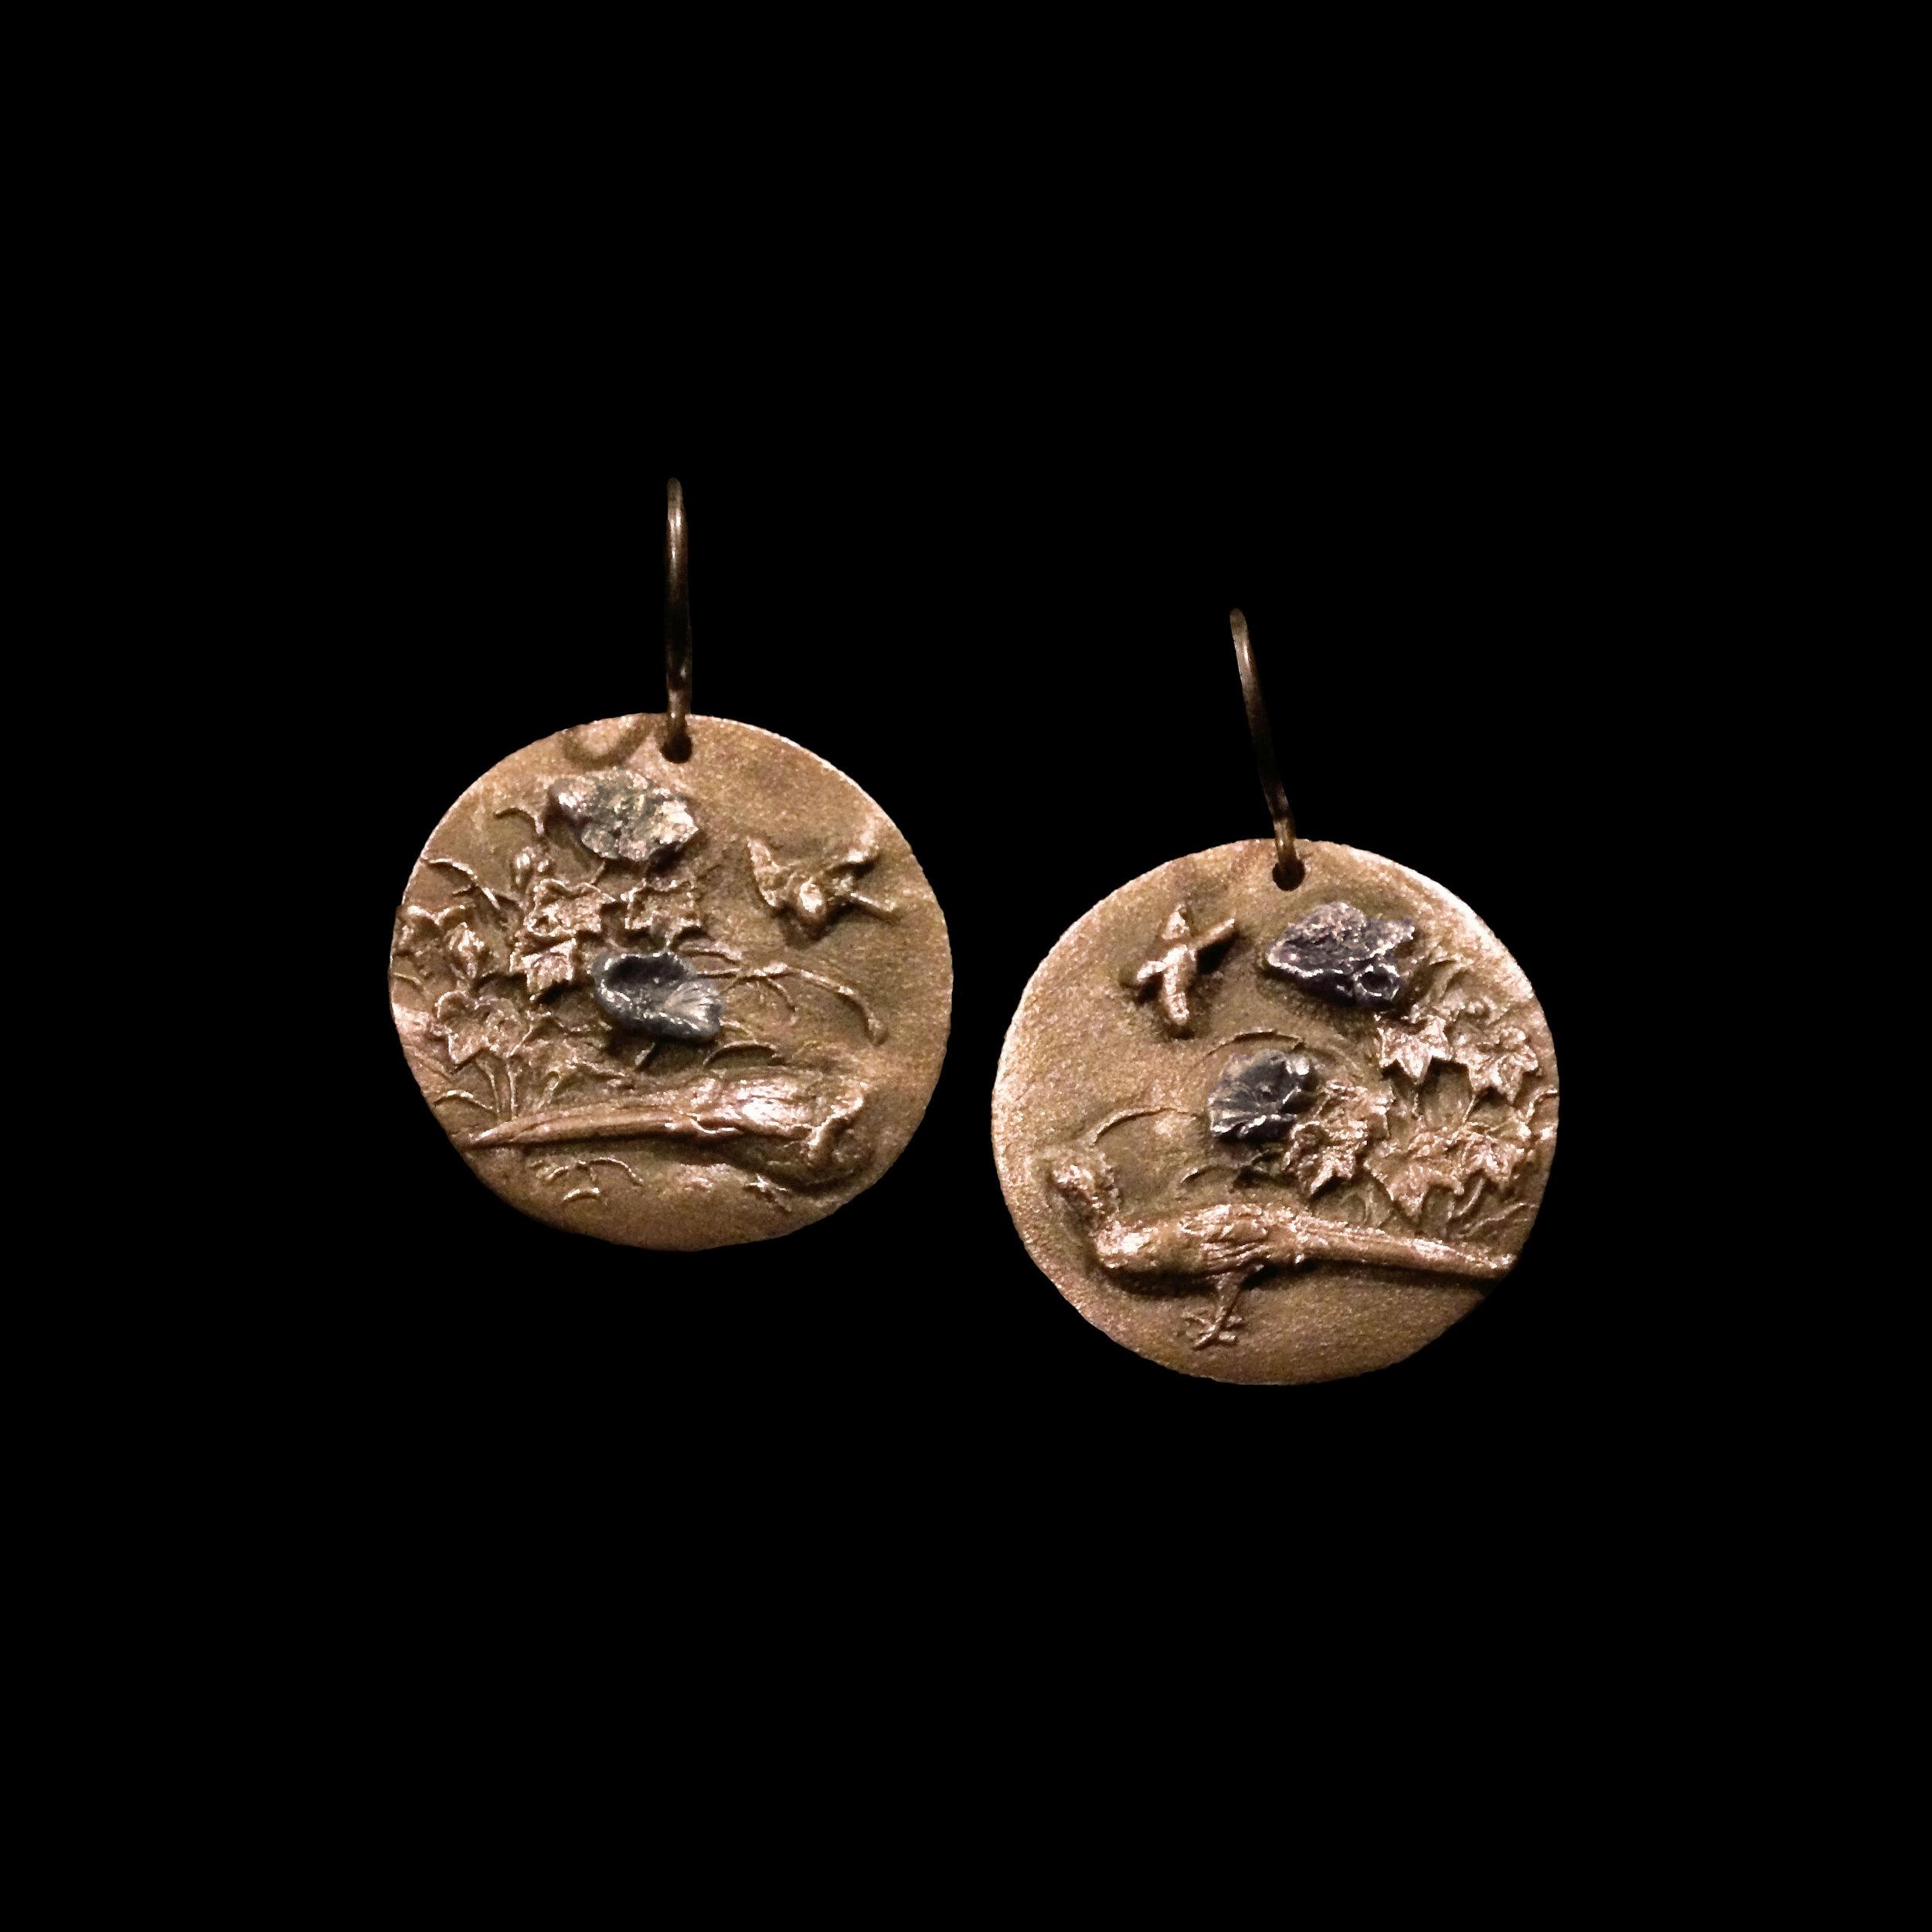 pheasant-earrings-michelle-hoting-web.jpg